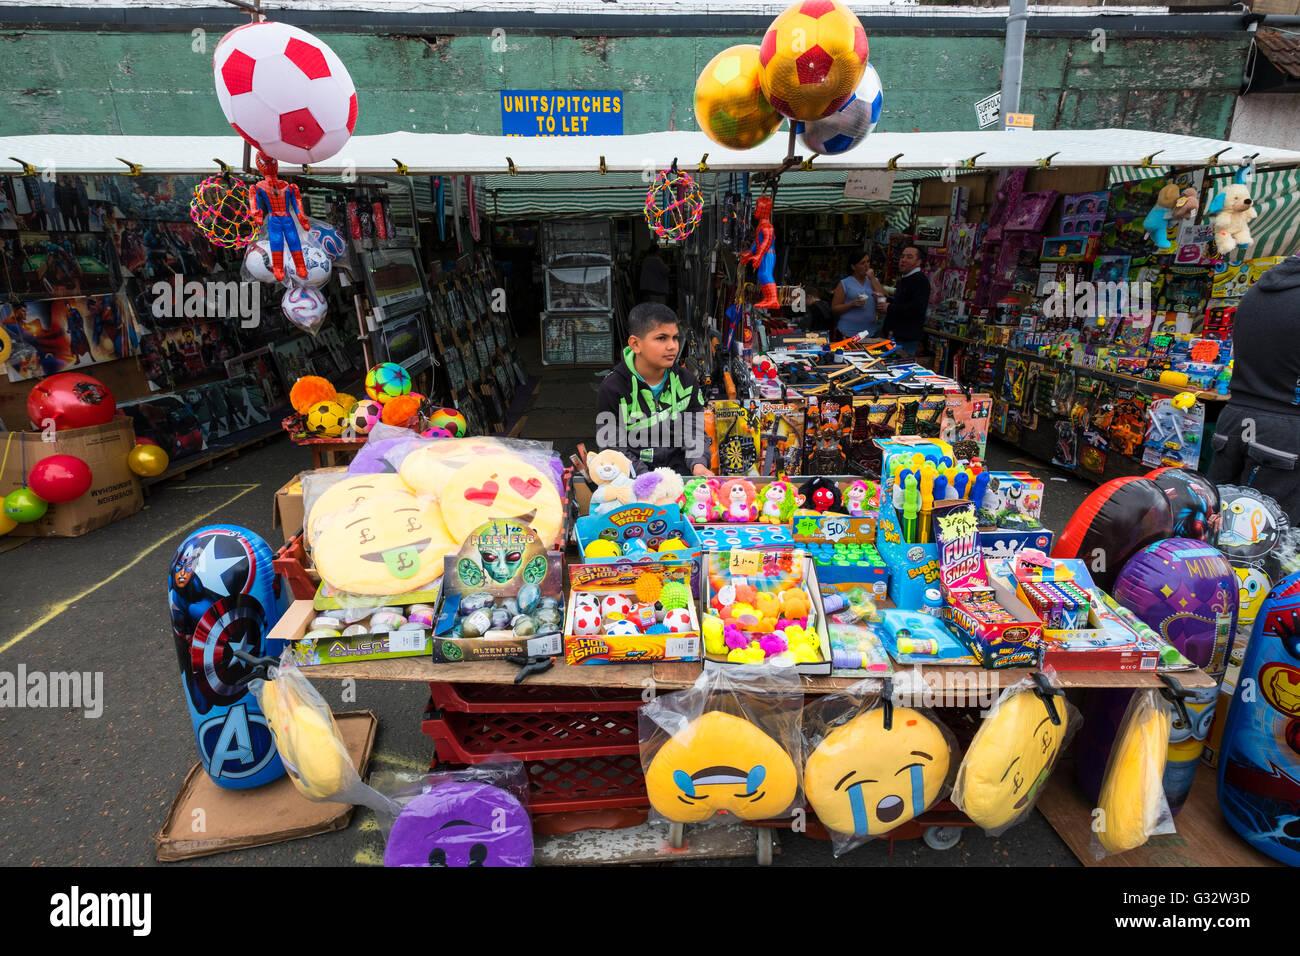 Bancarella vendendo a buon mercato giocattoli a Barras mercato Gallowgate Glasgow, Regno Unito Immagini Stock